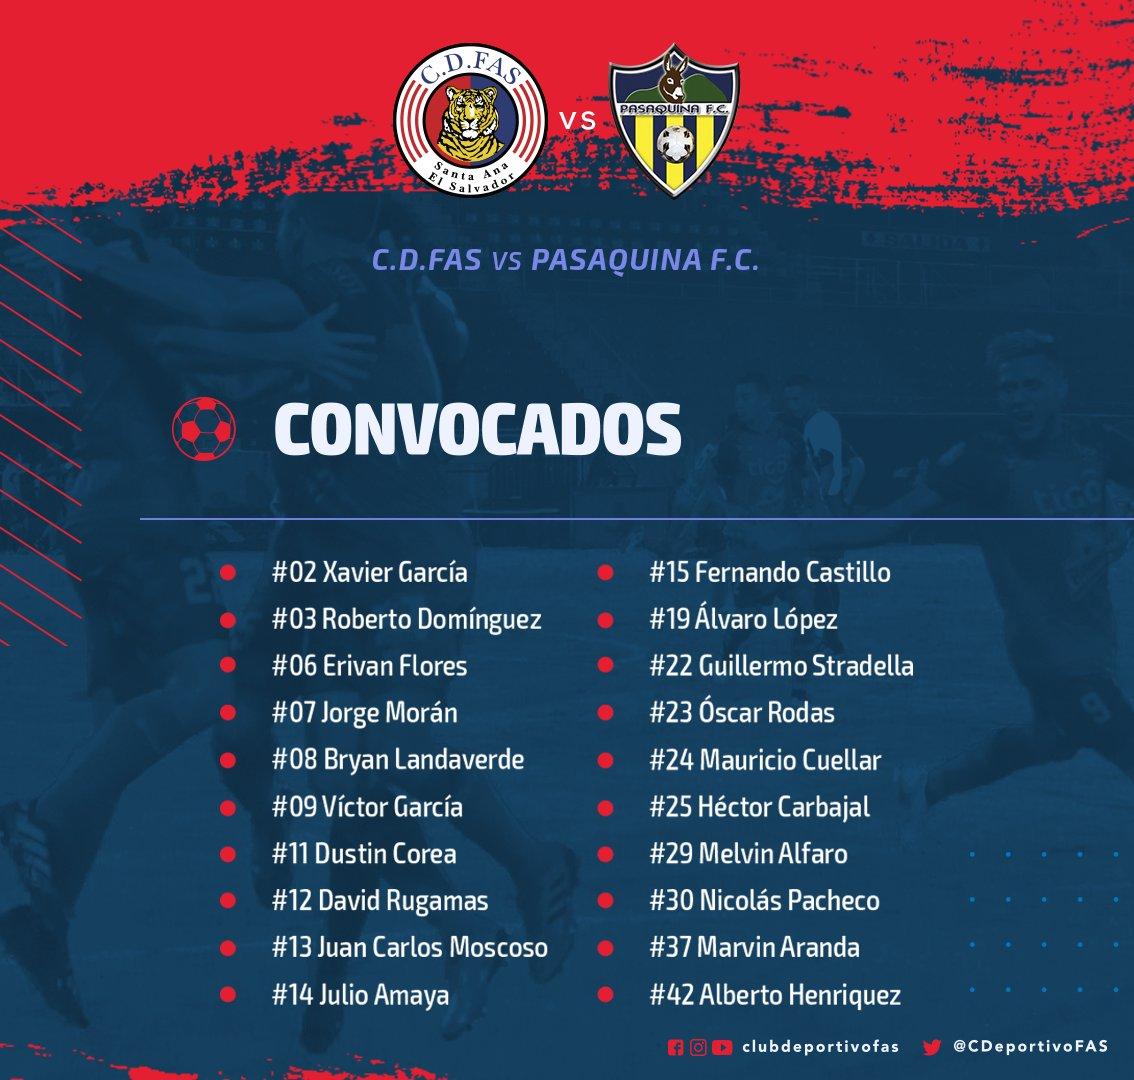 #Convocatoria #FAS Los convocados del Tigre para esta tarde.